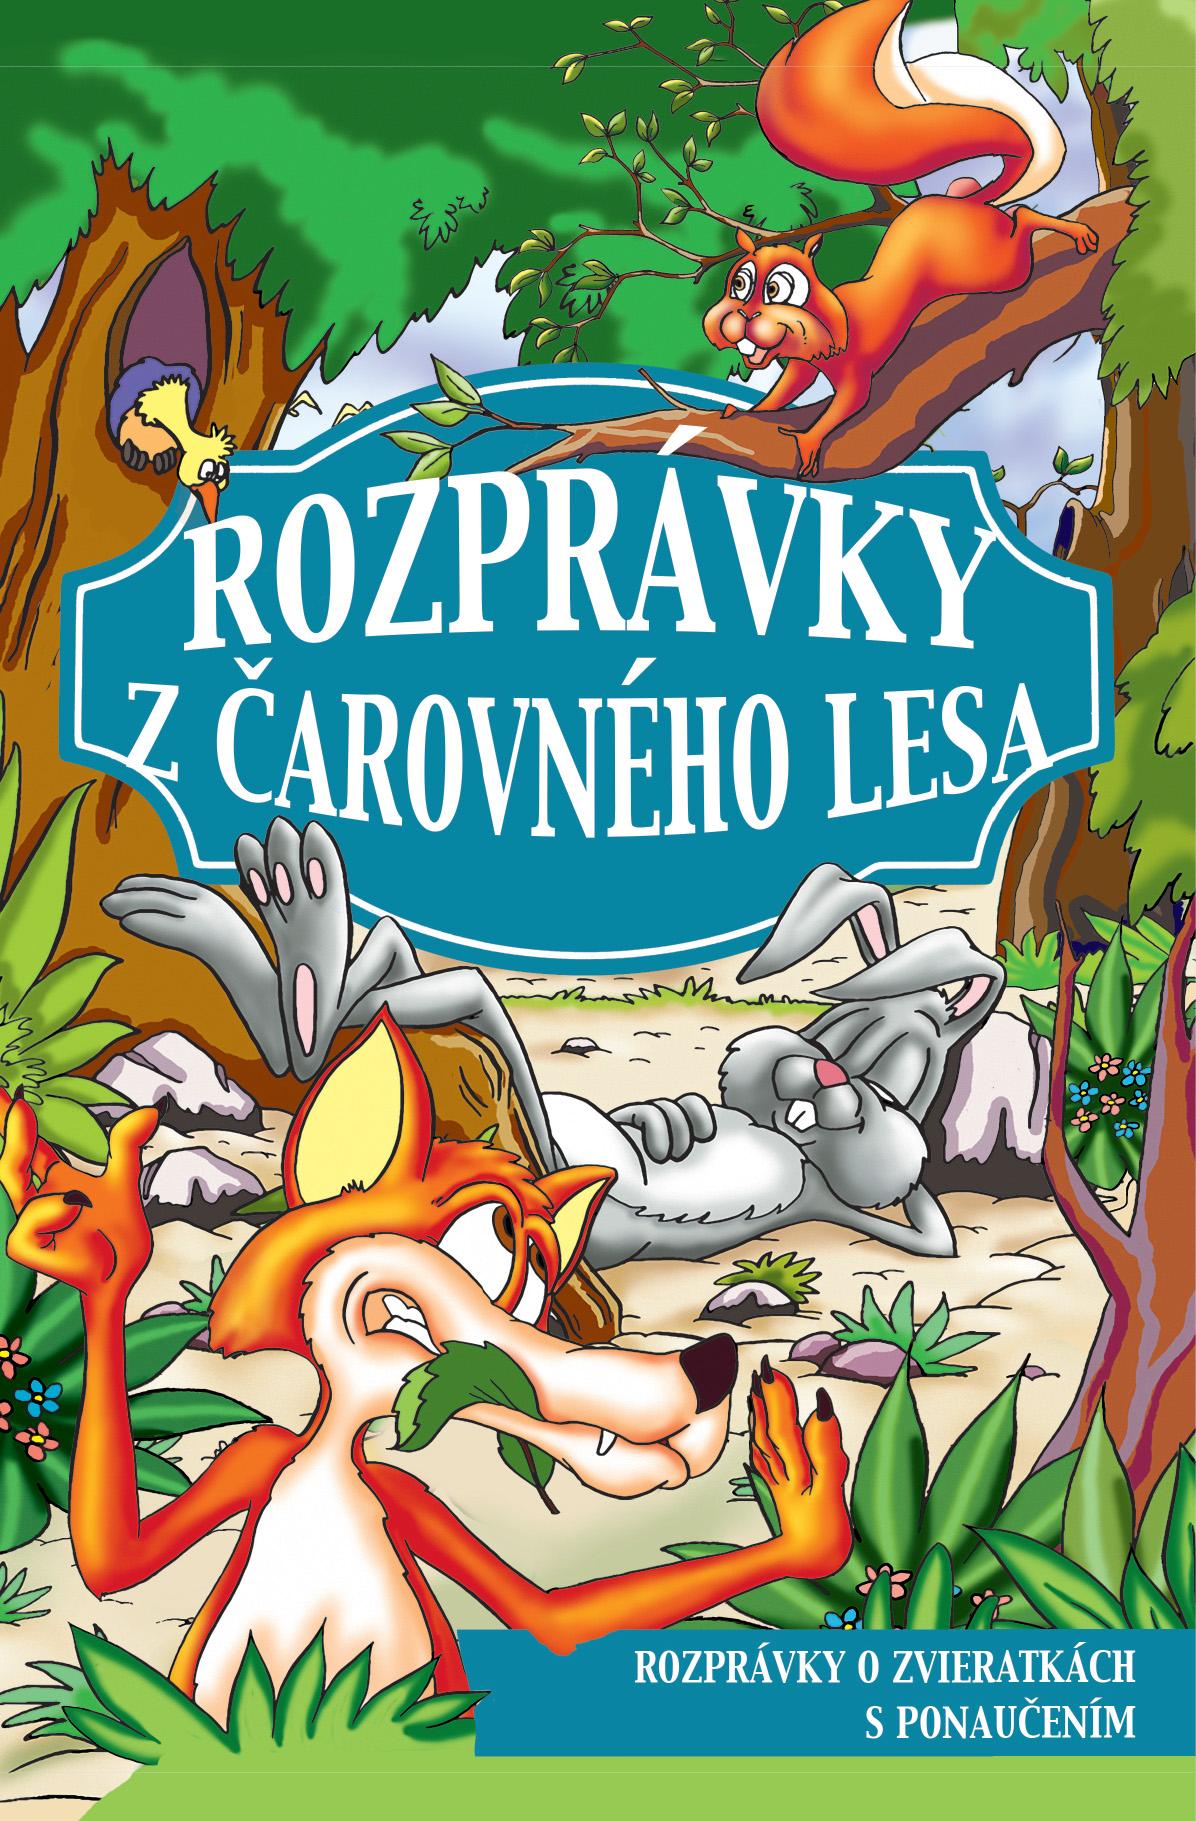 Rozprávky z čarovného lesa - Rozprávky o zvieratkách s ponaučením